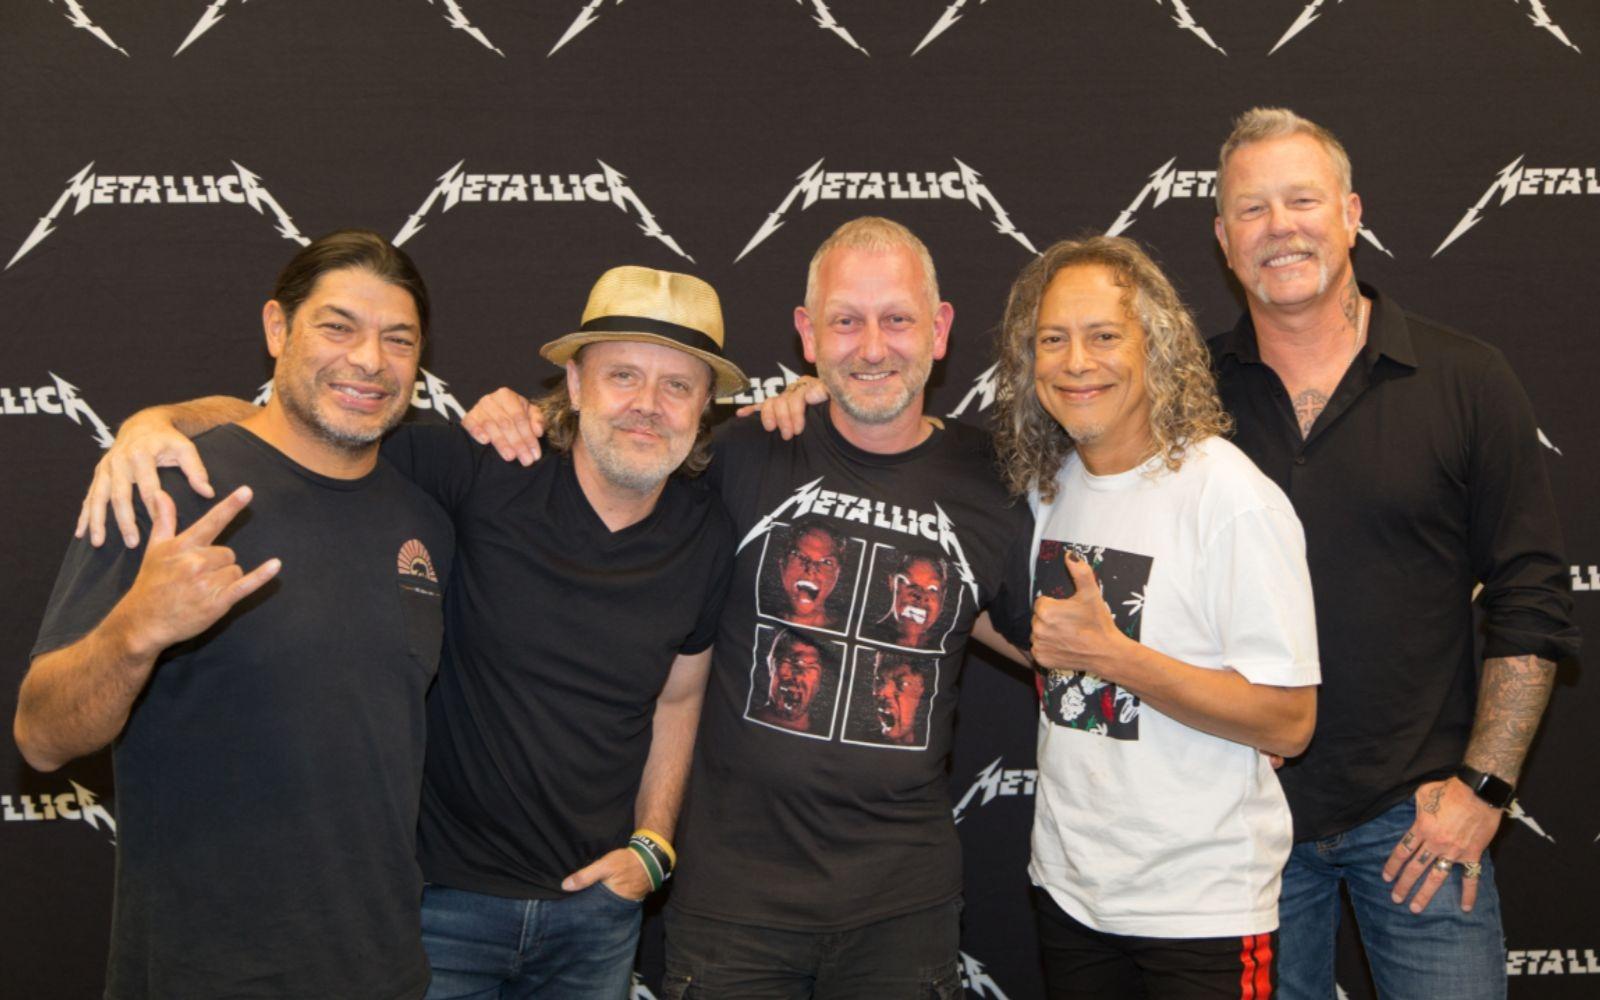 Metallica Meet and Greet